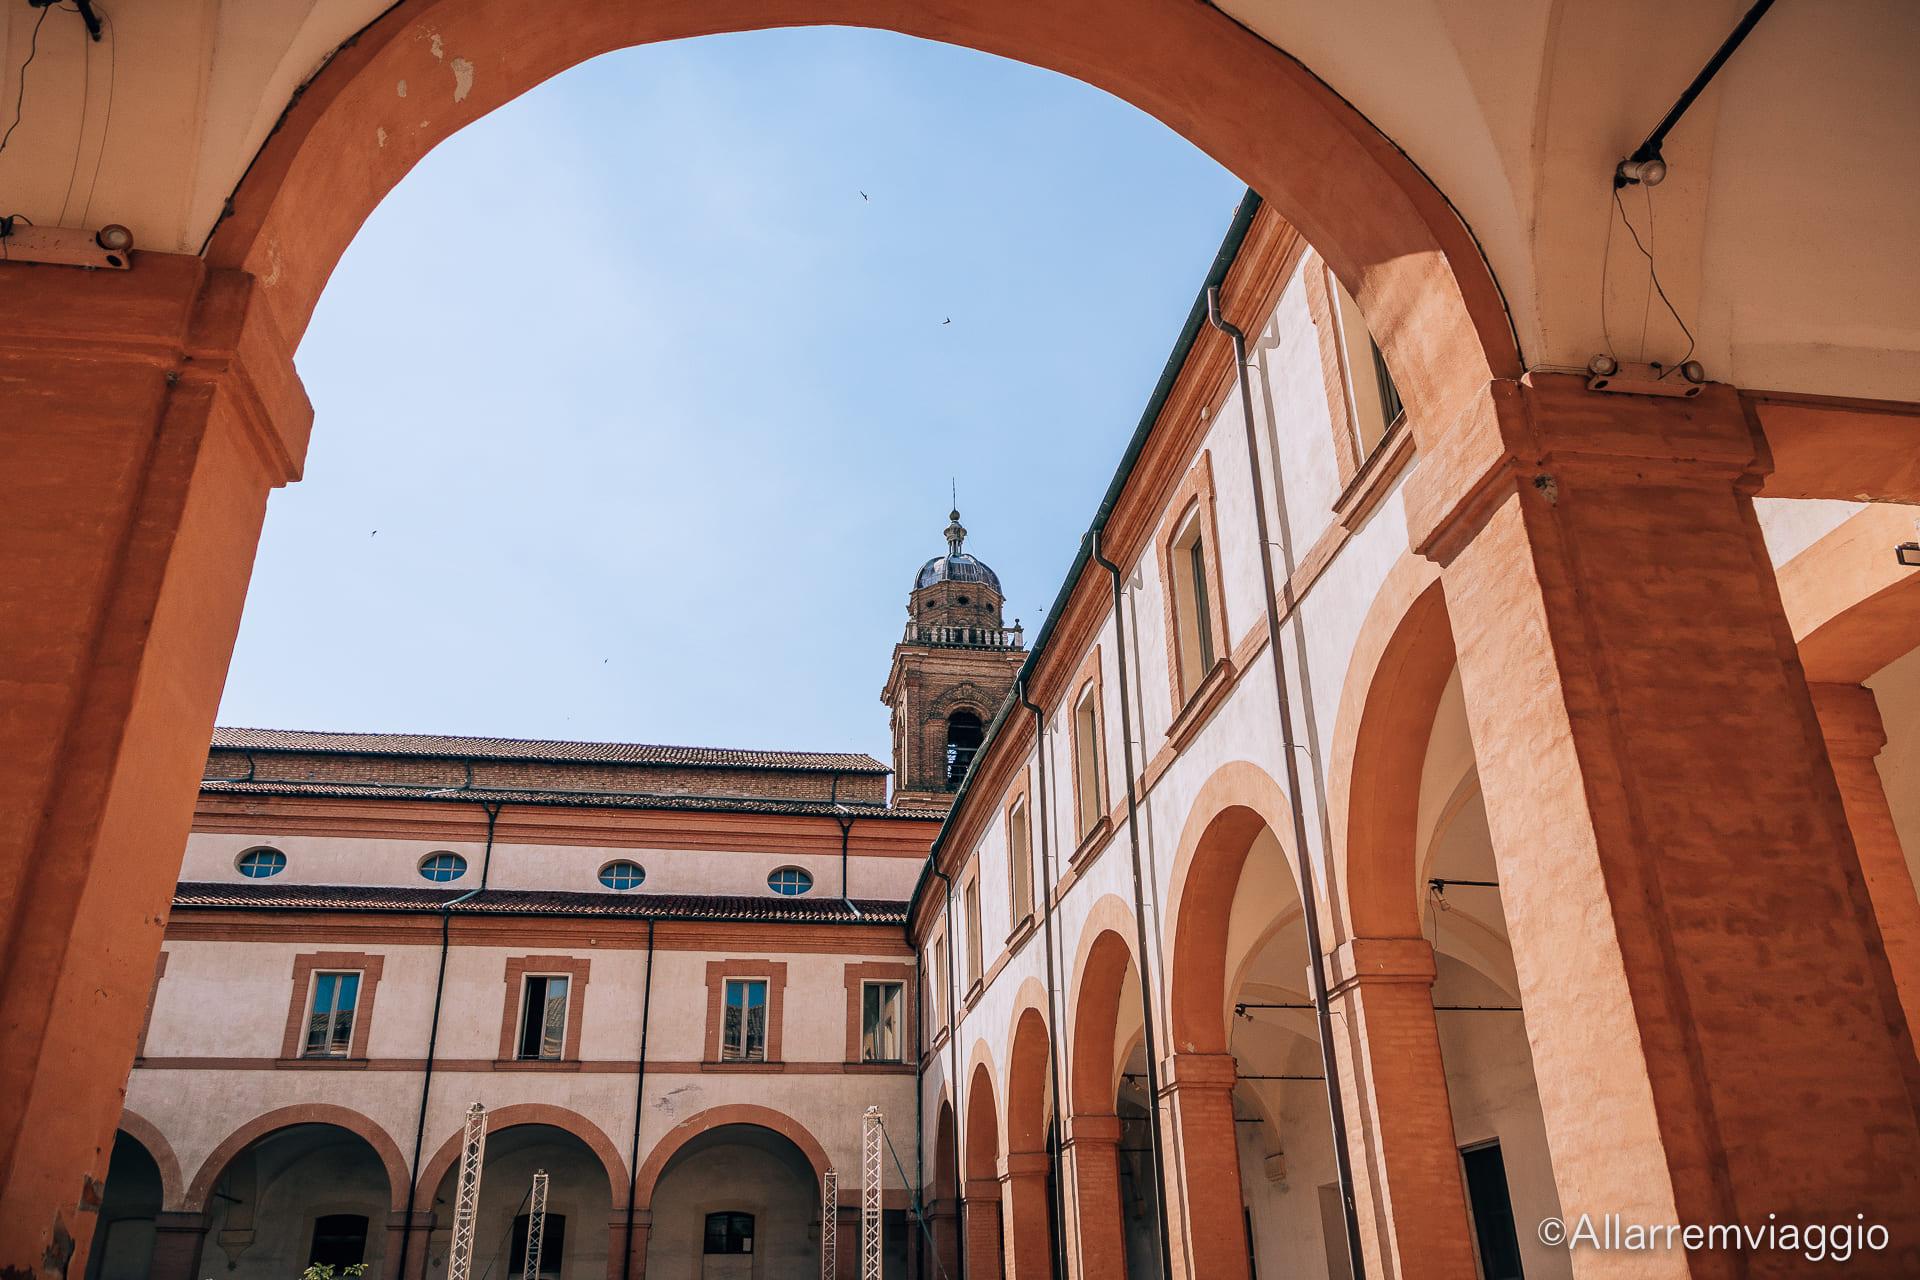 chiostro antico convento san francesco bagnacavallo